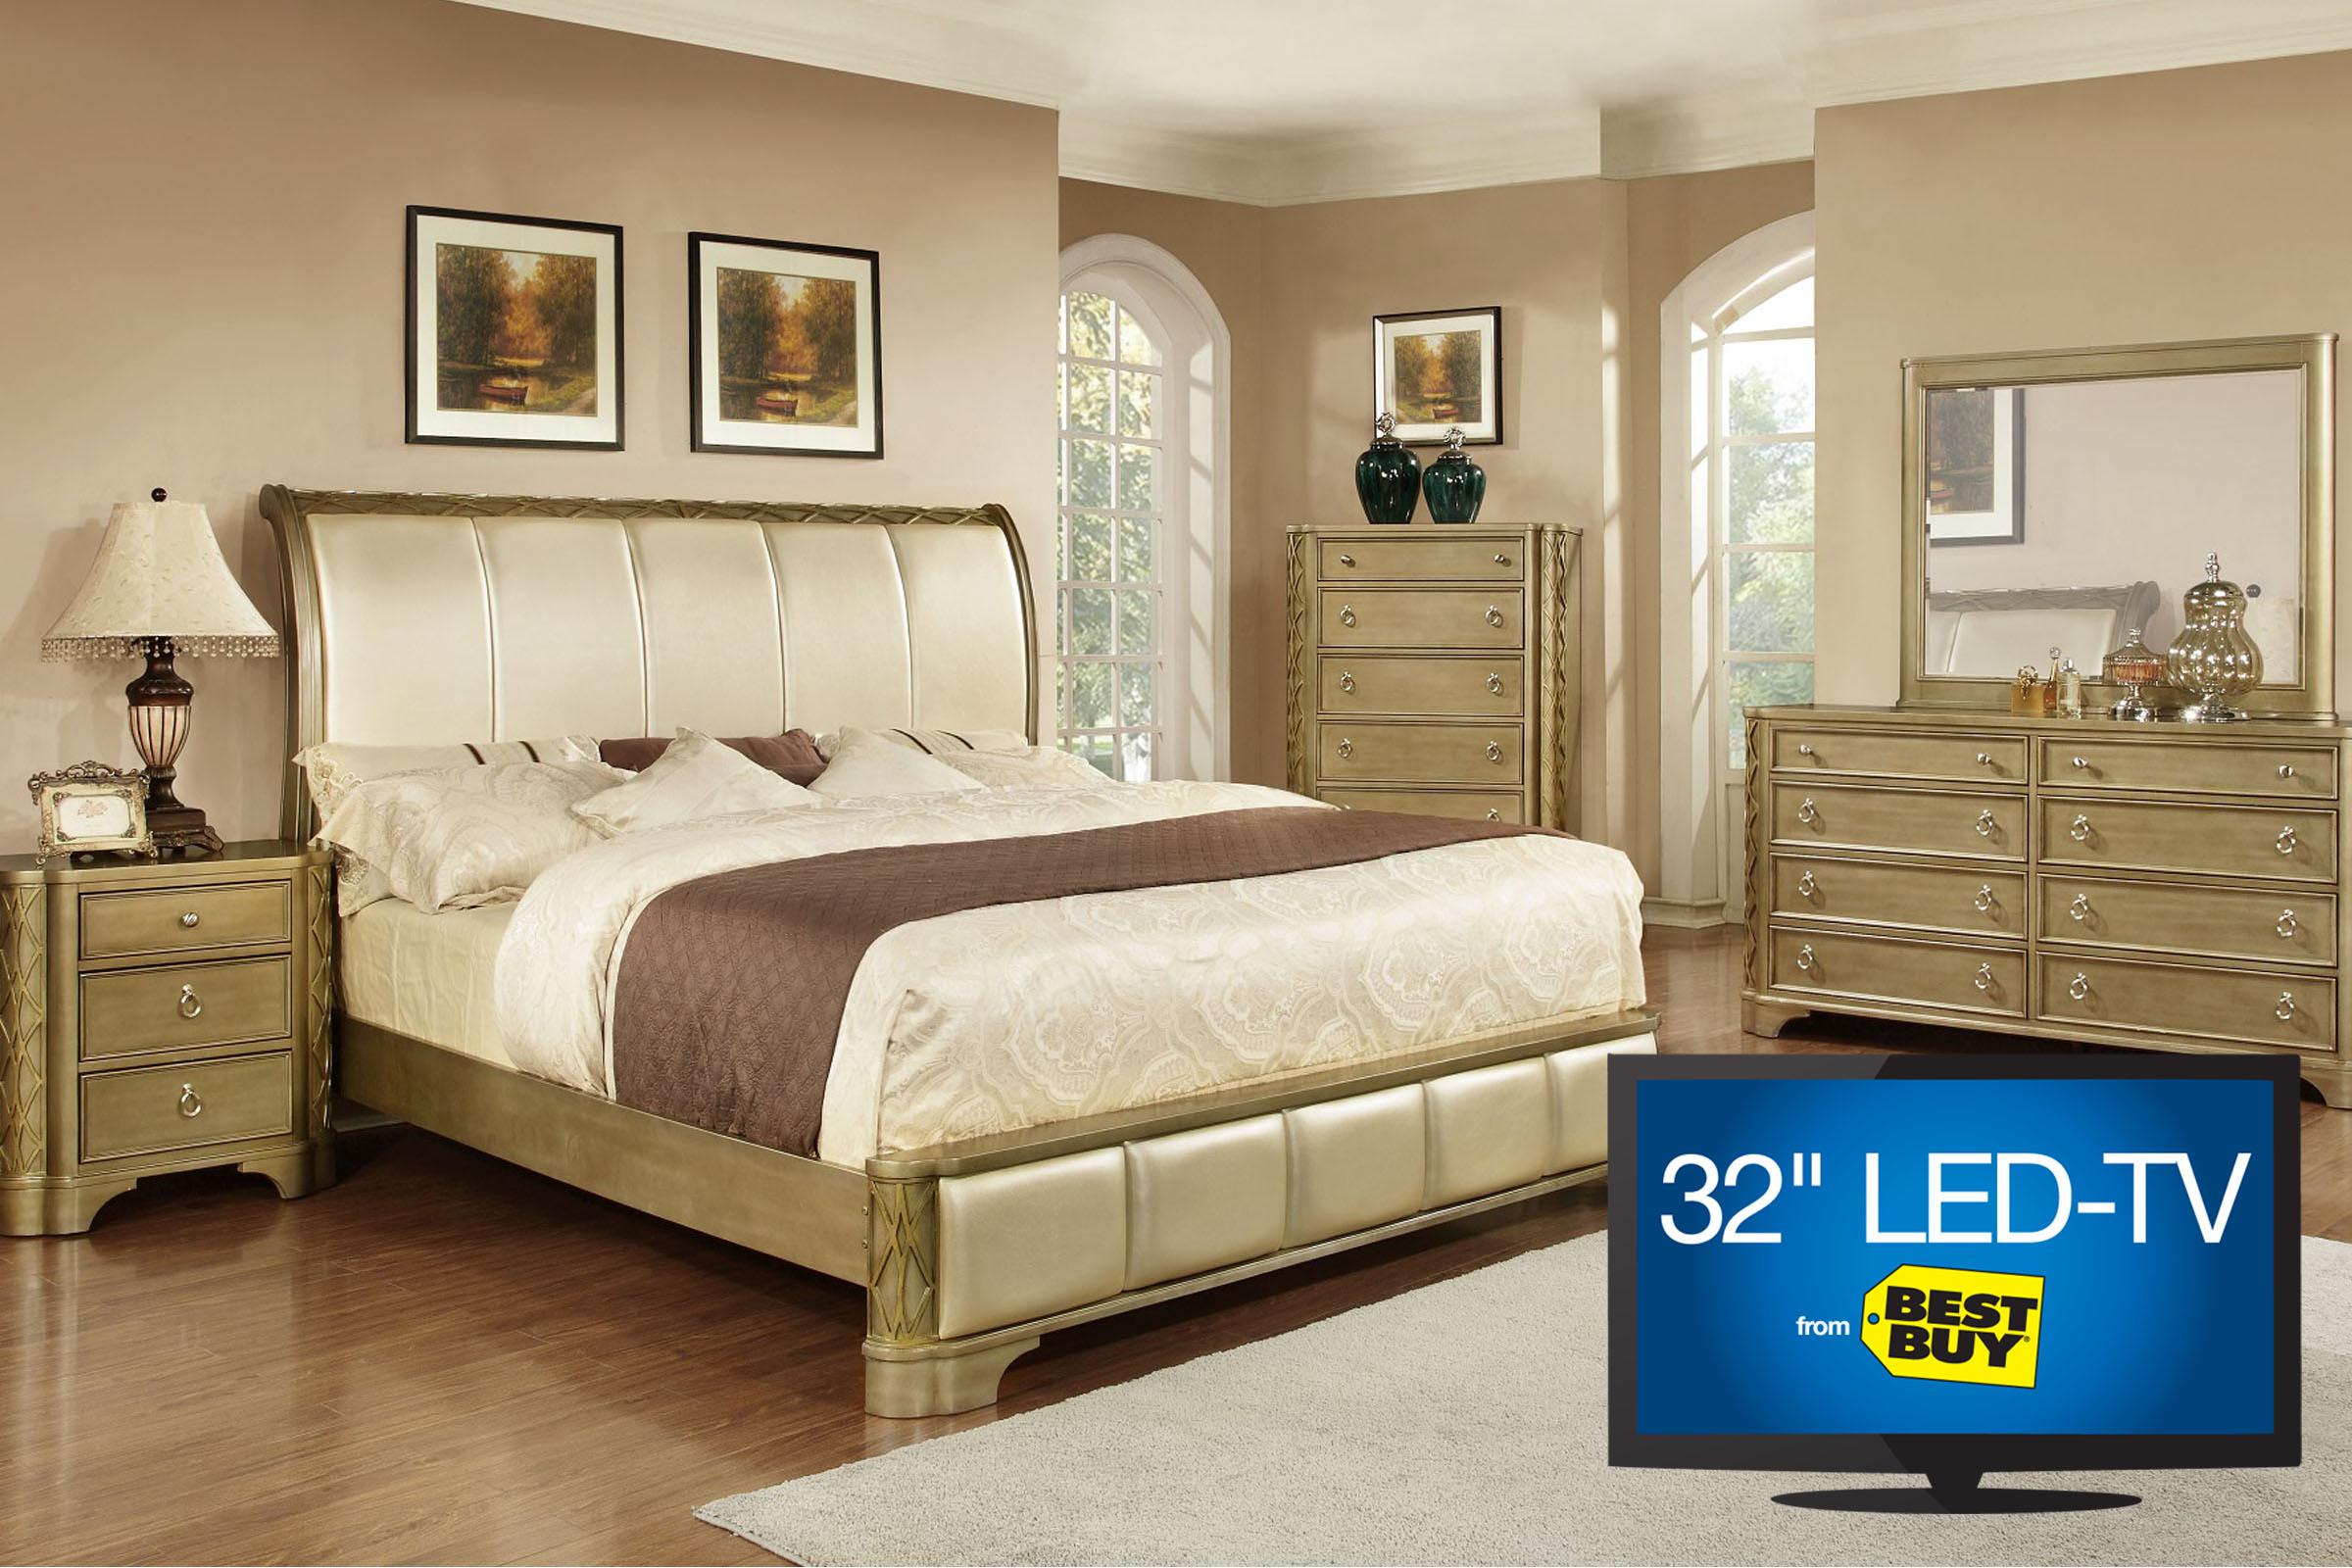 Queen bedroom sets with storage - Golden 5 Piece Queen Bedroom Set With 32 Led Tv